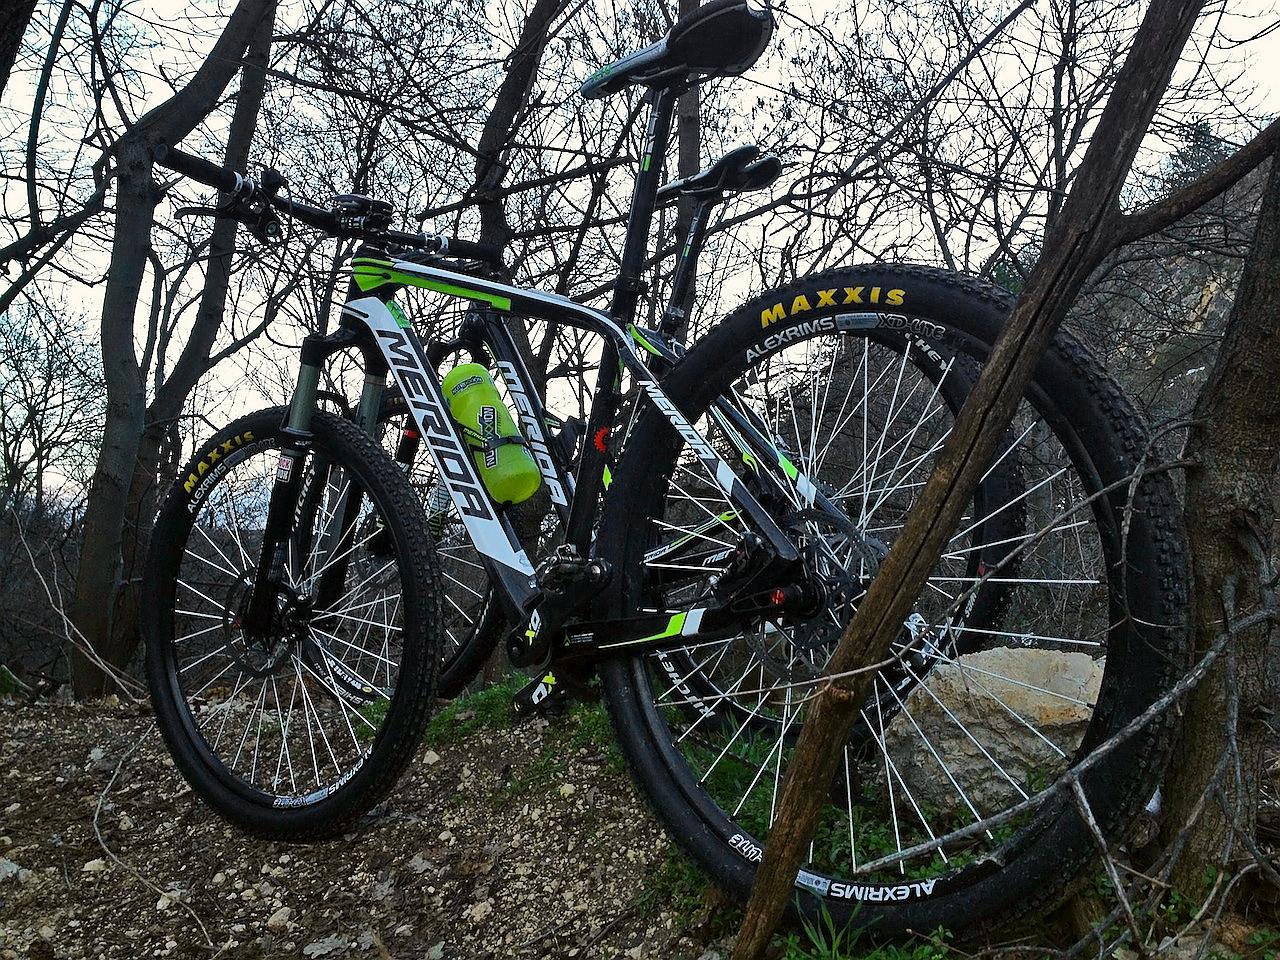 """Buruczki Szilárd blog, Merida Big.Seven, 27,5"""" kerékméret, mountain bike, összehasonlító teszt, Buruczki Szilárd legfrissebb blogjában kifejti véleményét a 27,5"""" vs. 29"""" kerékméret kérdésről, ugyanis a Merida 27,5-es prototípusát tesztelhette az elmúlt két hétben:"""